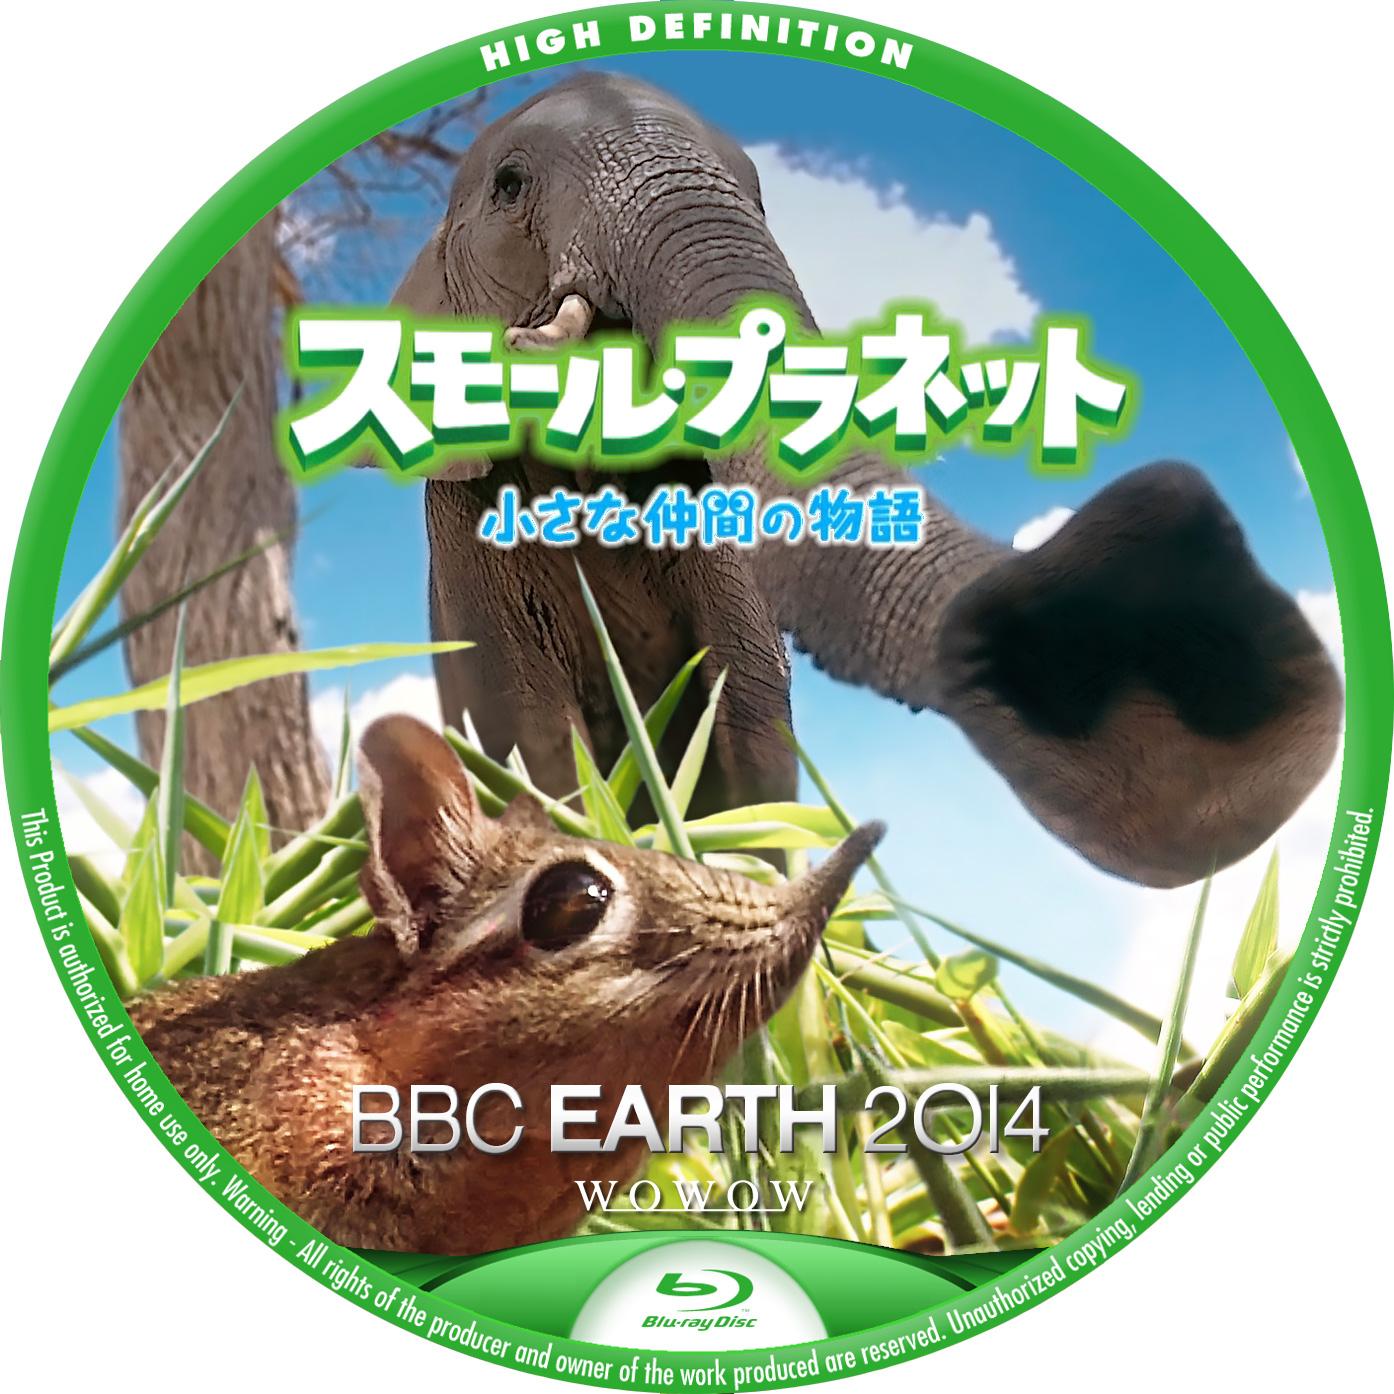 BBC EARTH 2014 スモールプラネット 第1話 BDラベル